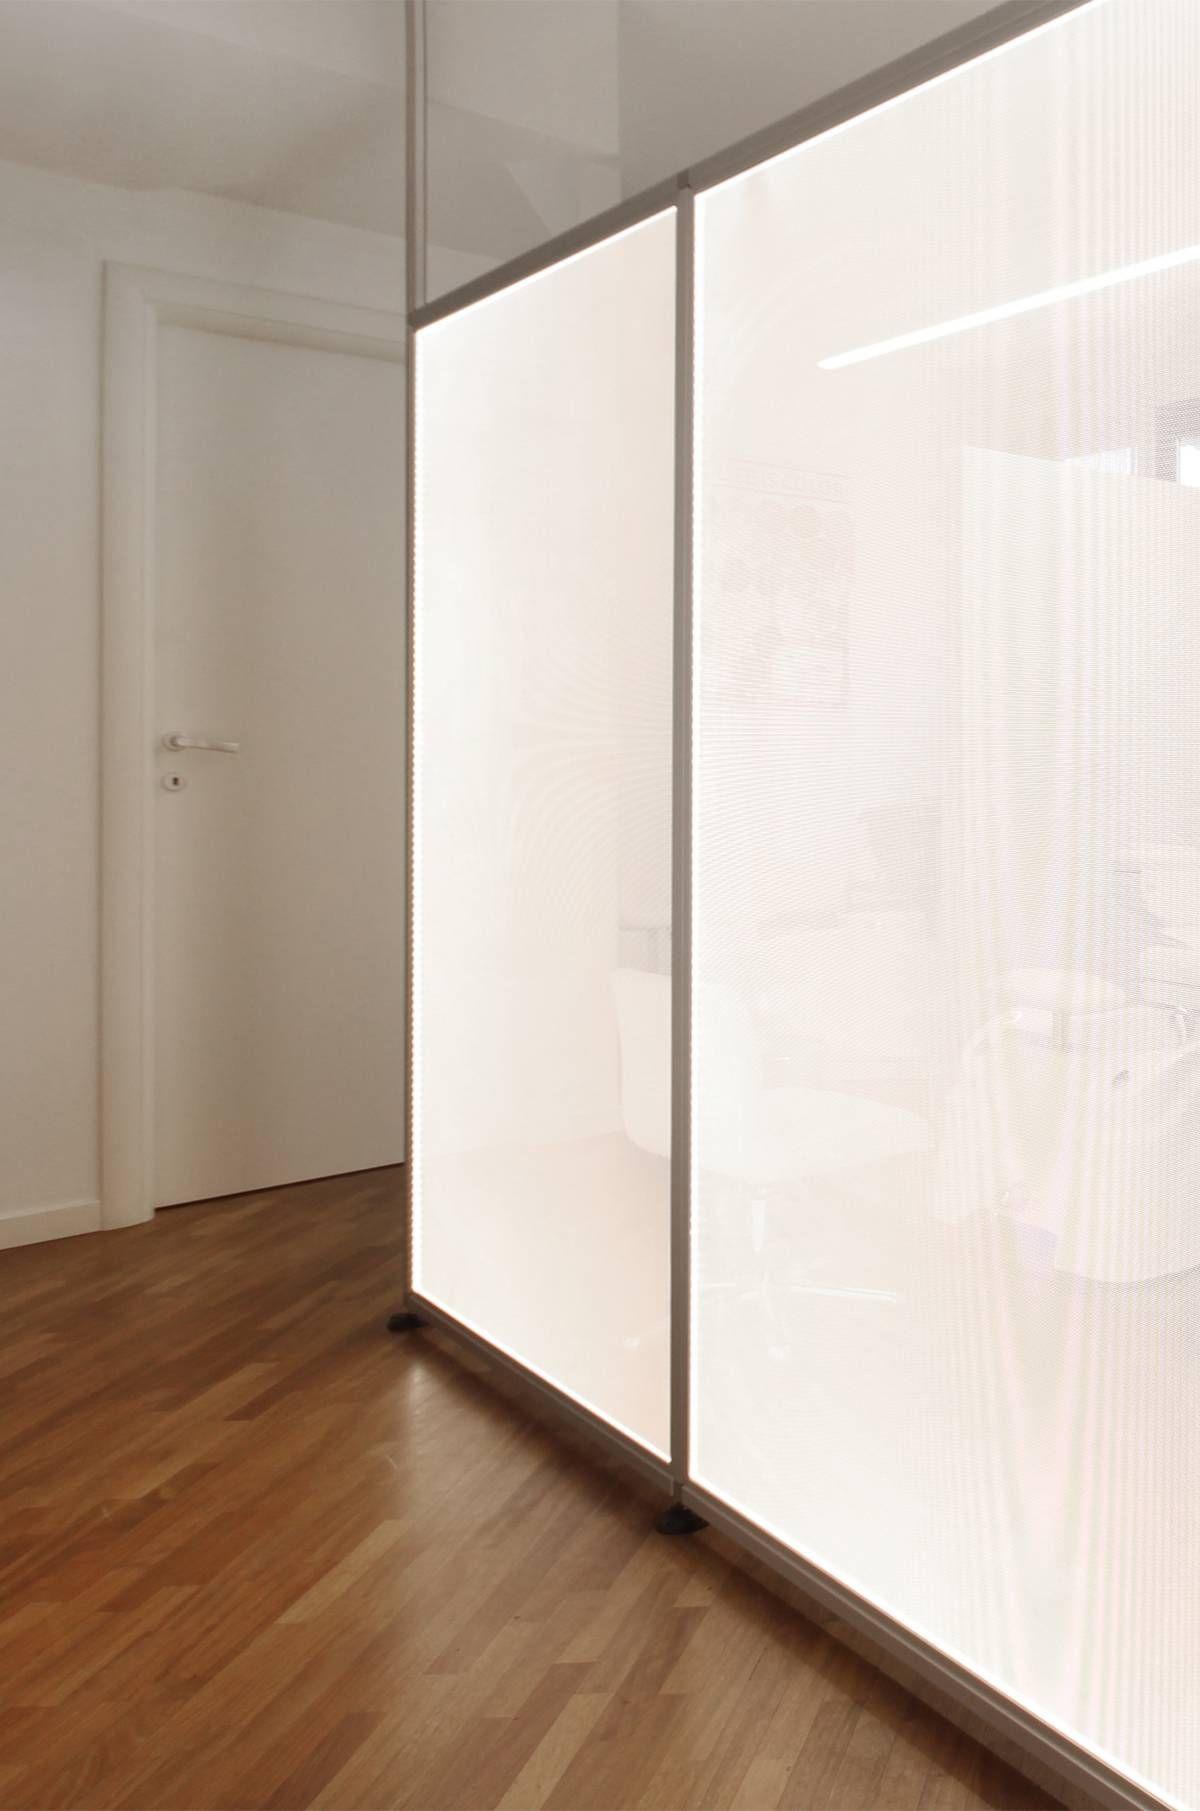 Divisori In Plexiglass Per Esterni risultati immagini per pareti divisorie plexiglass (con